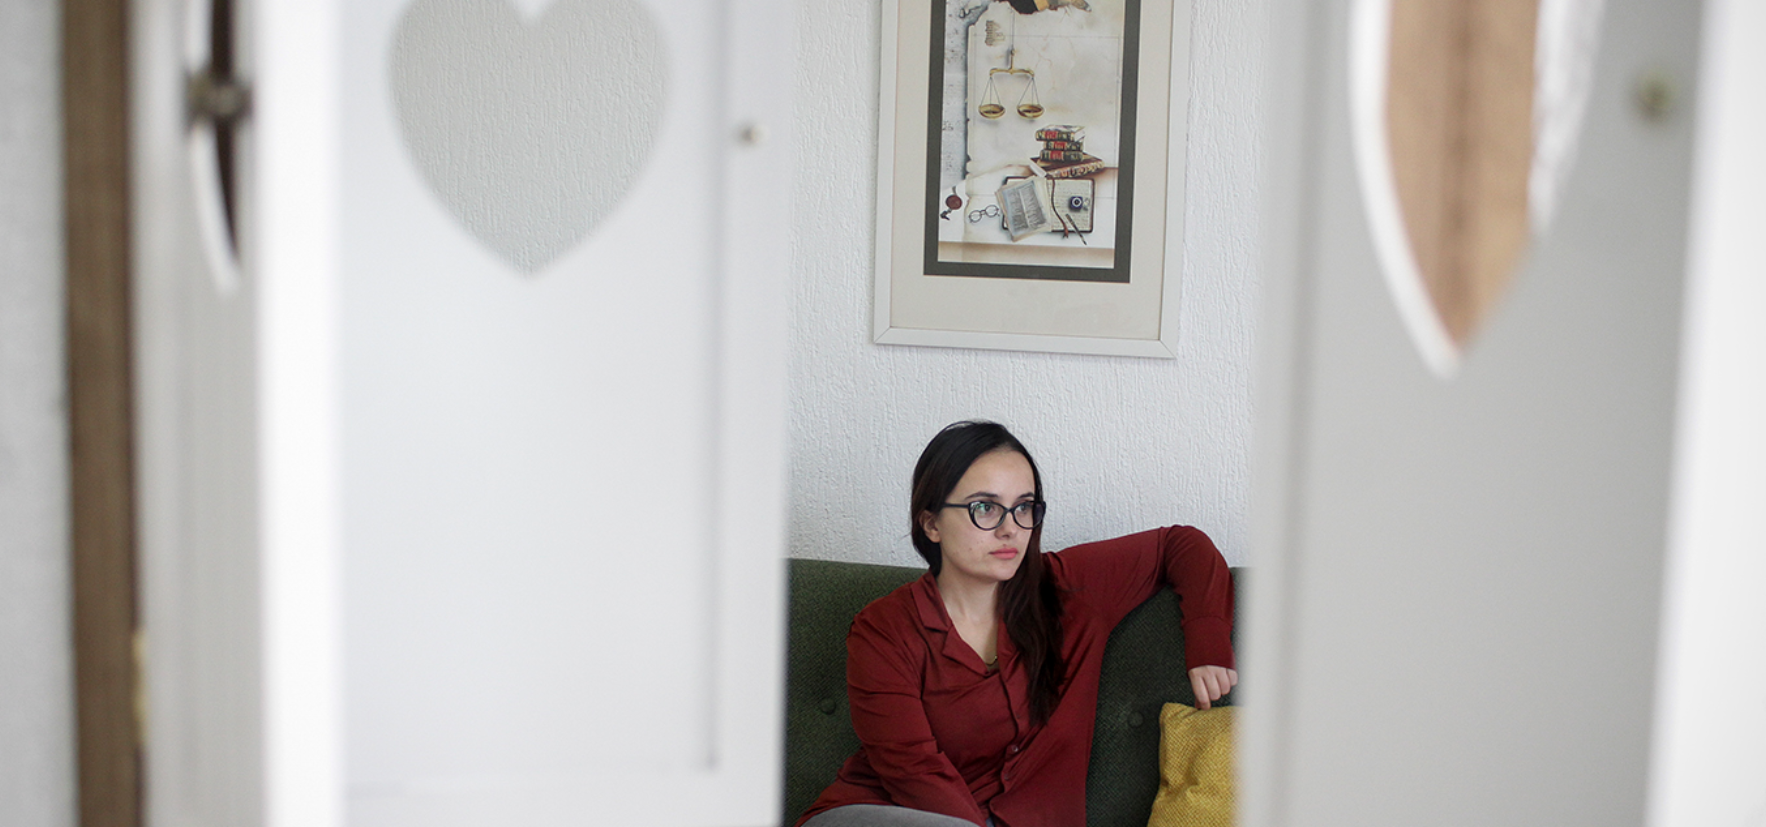 Marigona Buja, la cui vicenda viene raccontata in questo approfondimento - © Agan Kosumi/Kosovo 2.0